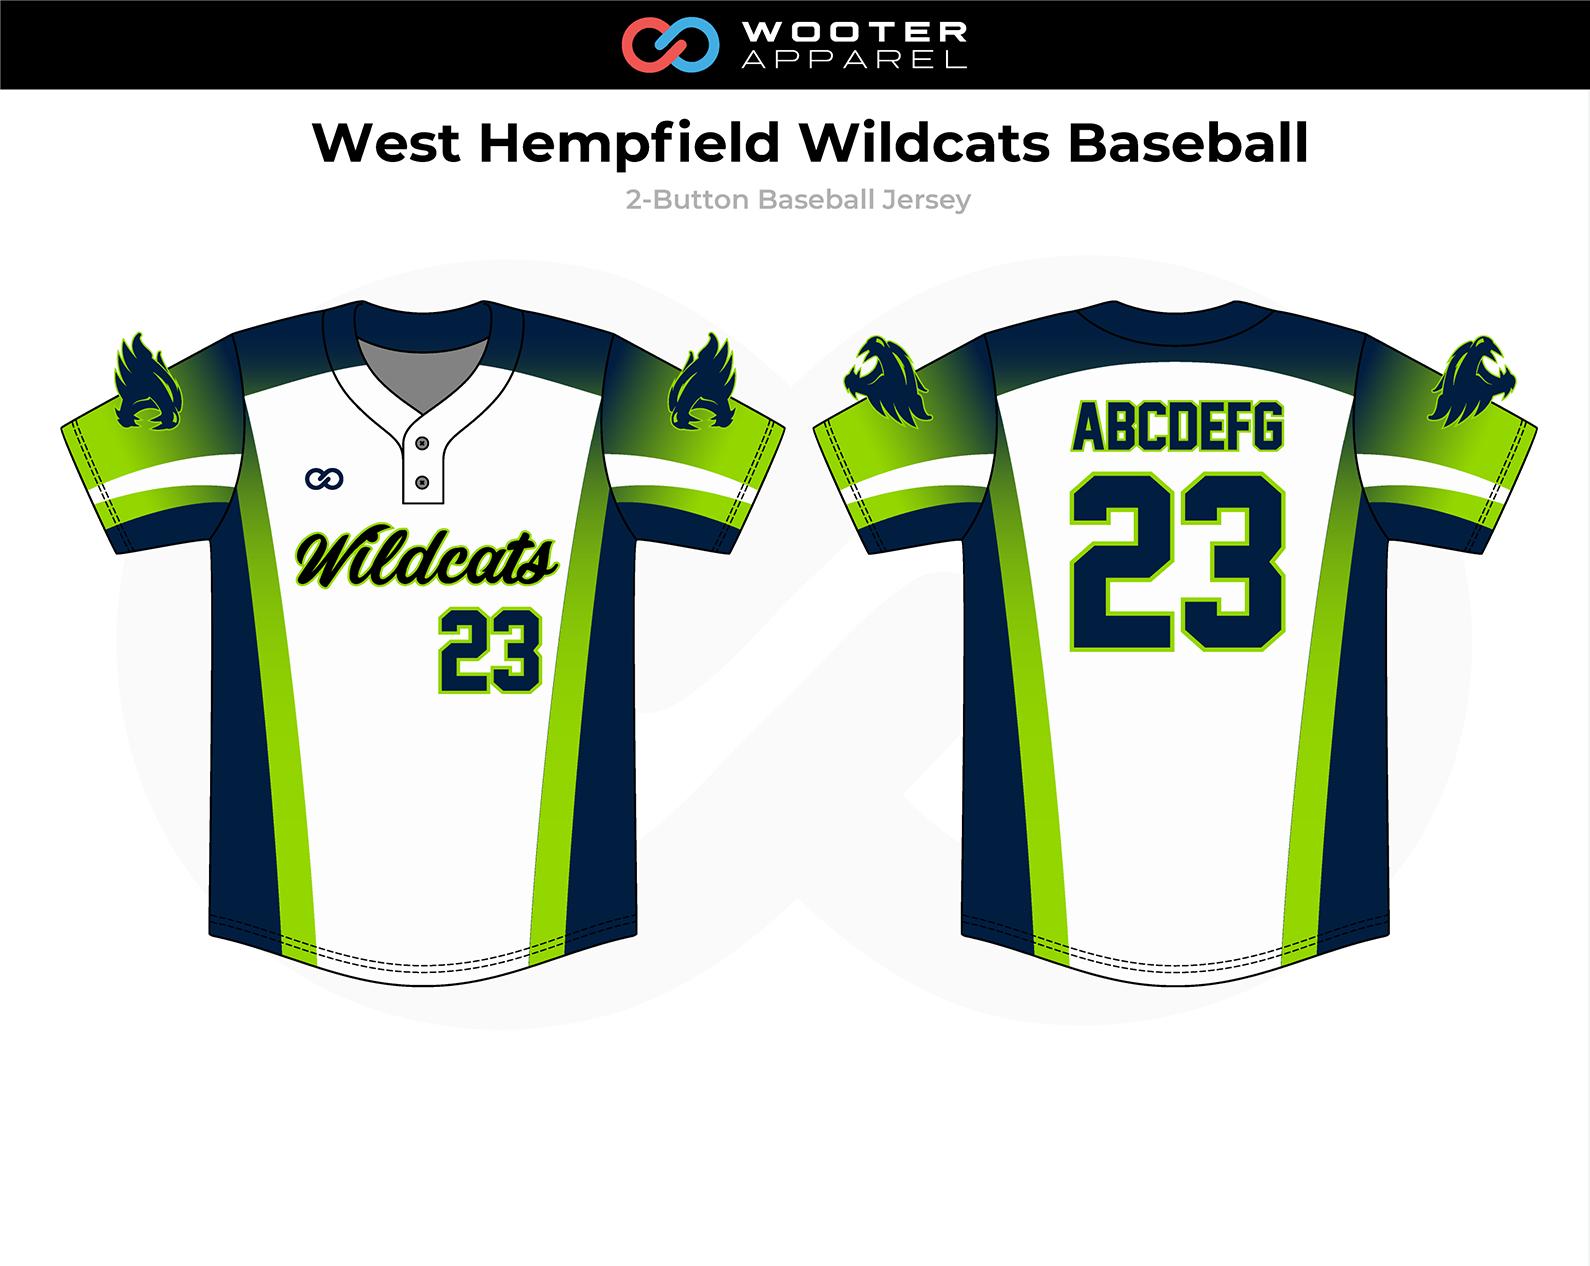 2018-11-06 West Hempfield Wildcats Baseball 2-Button Jersey.png